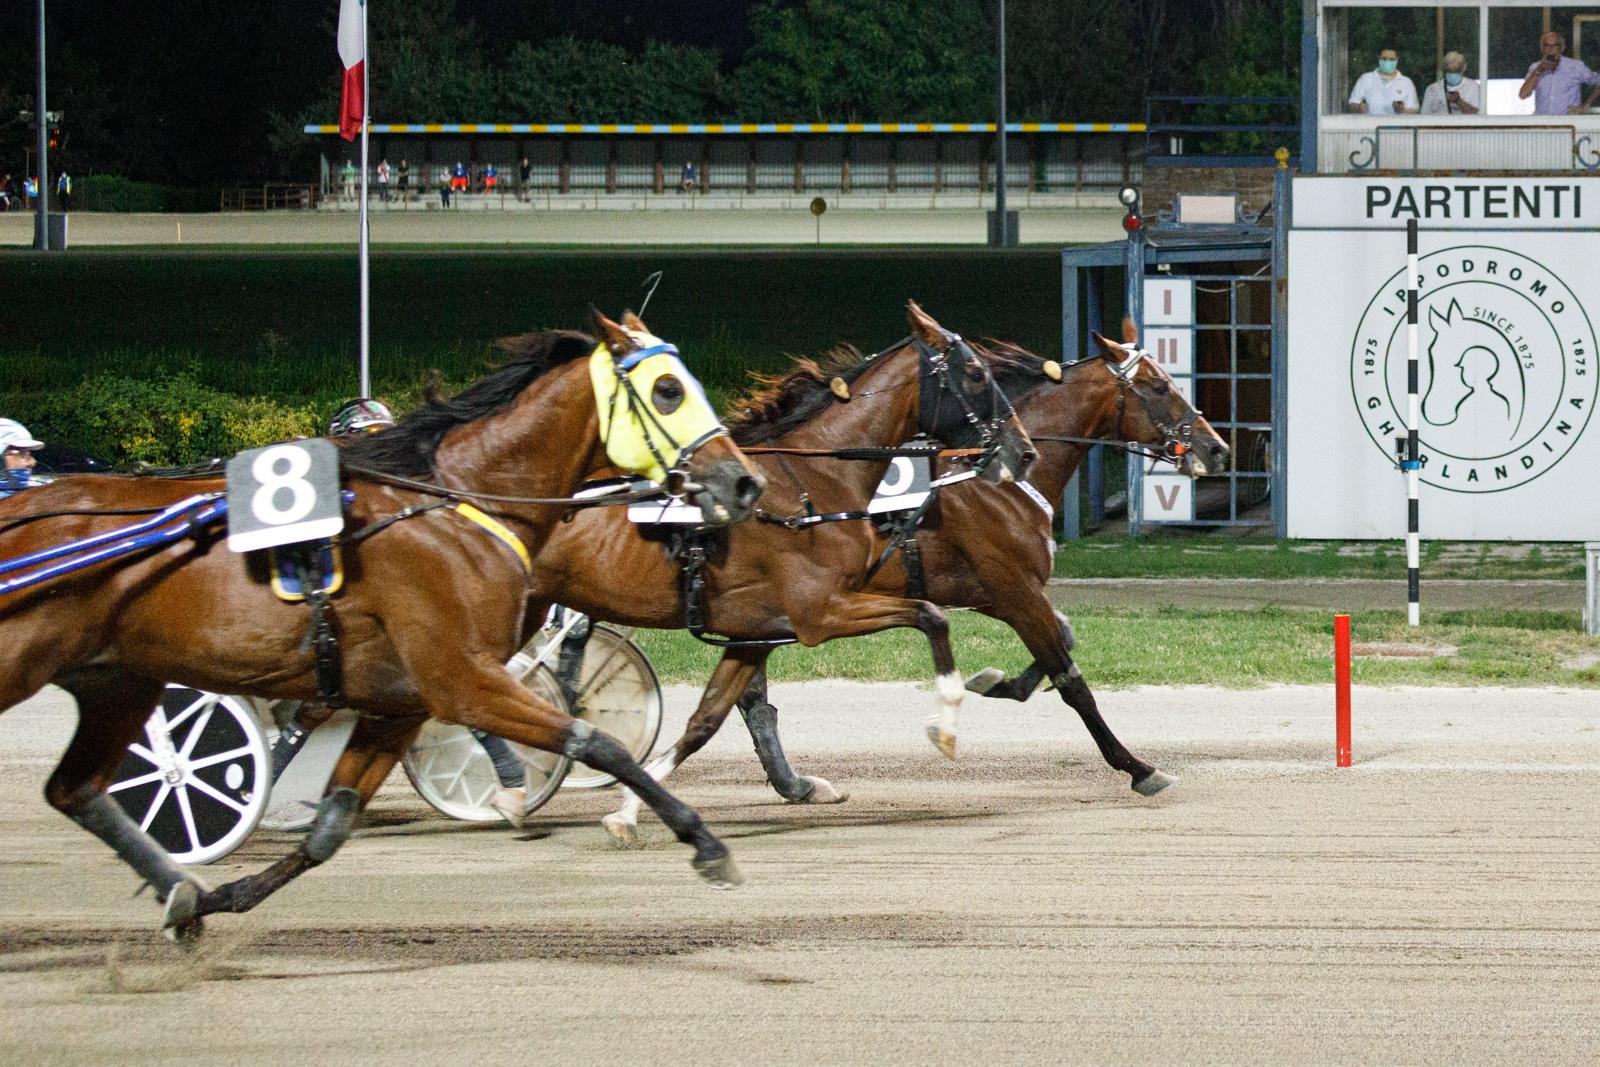 2020-08-09-corsa-3-01